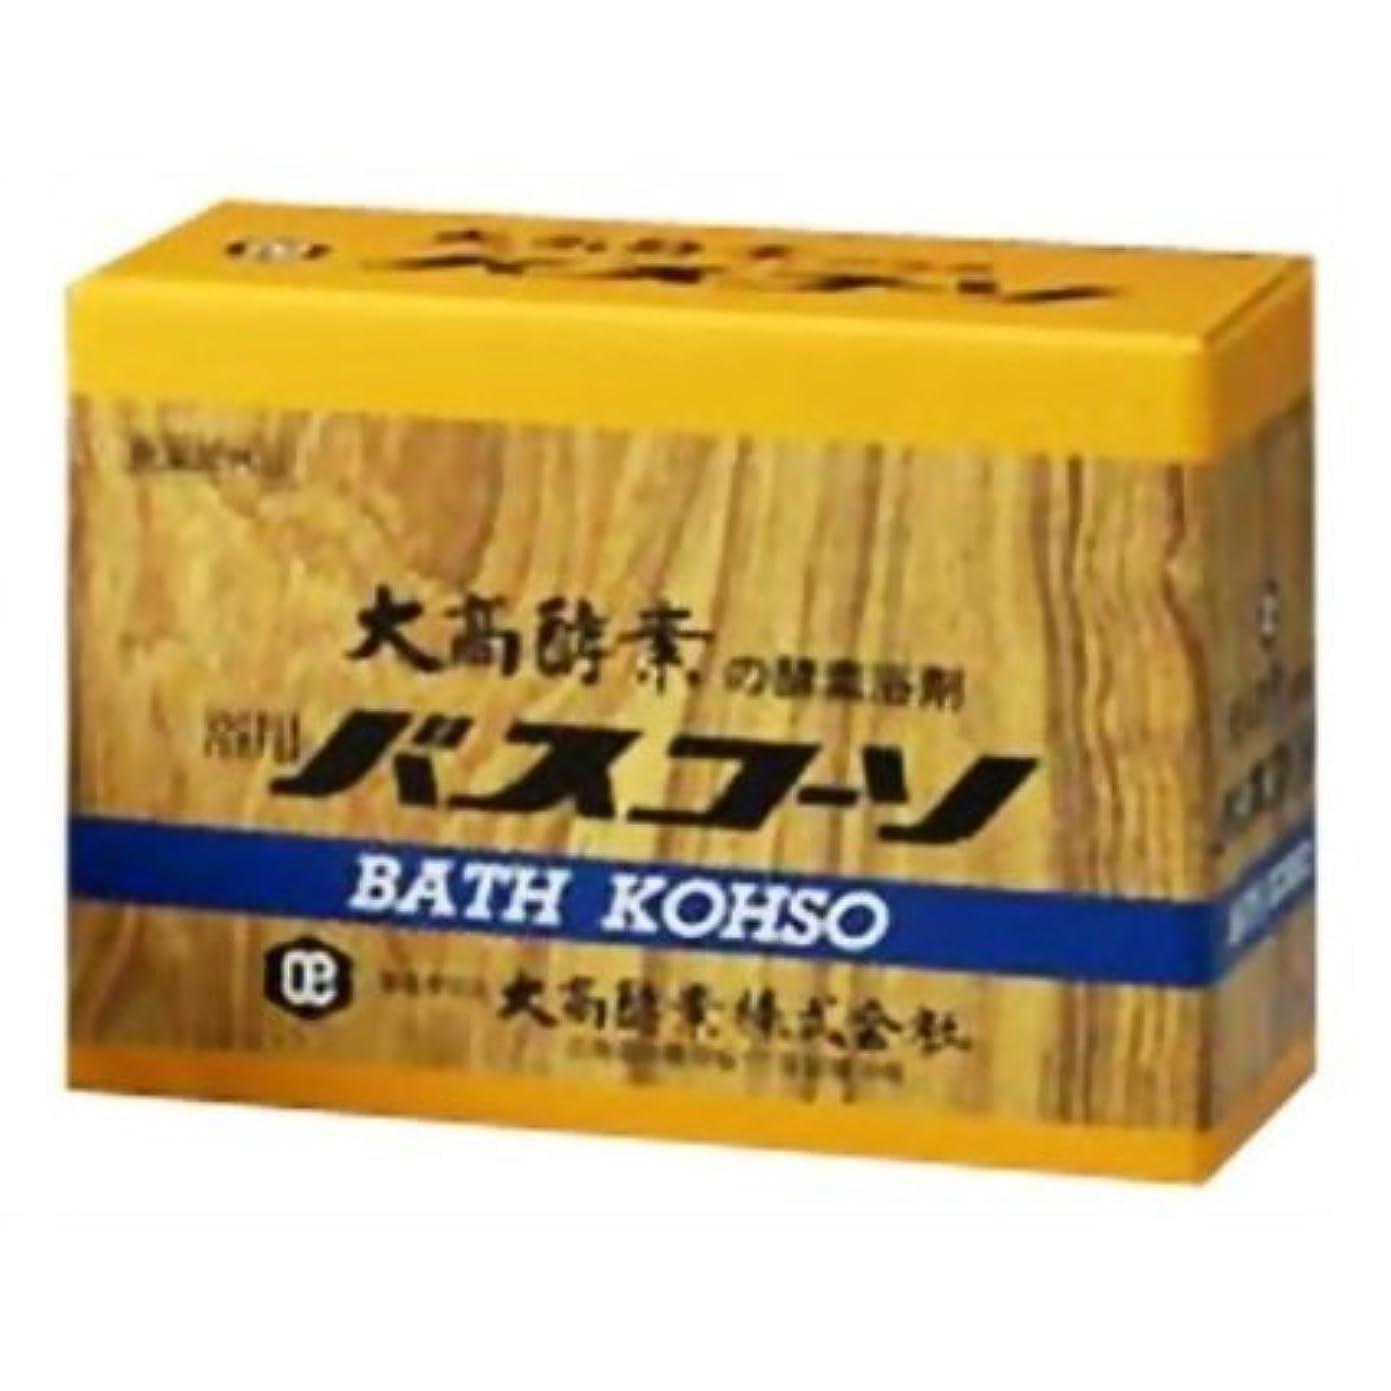 リップコンピューター経済大高酵素 浴用バスコーソ 100gx6 【4個セット】